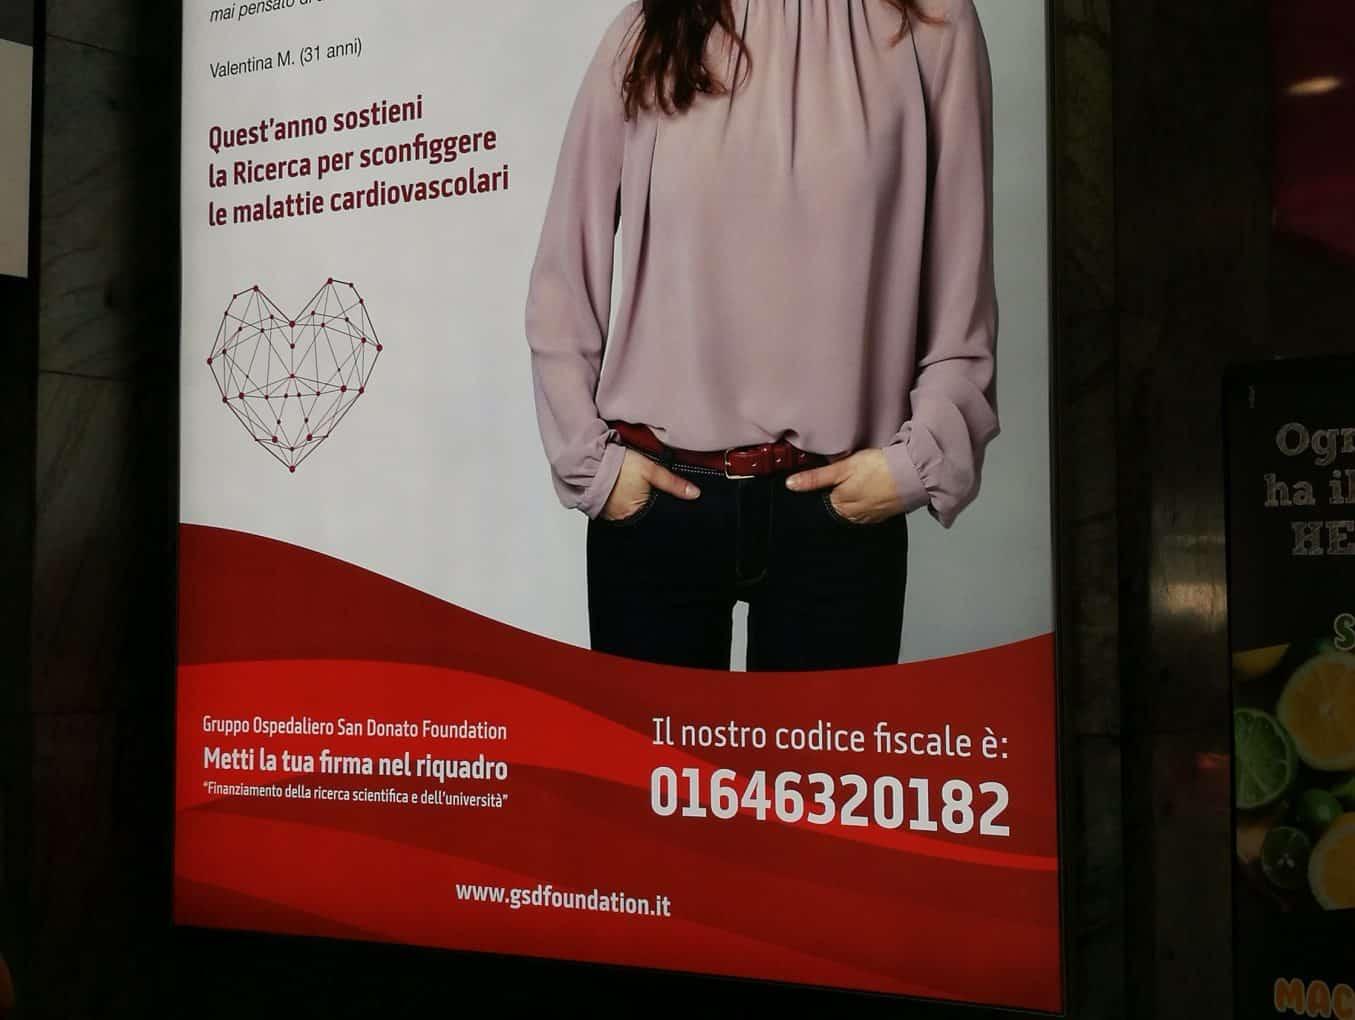 Pannello LED a Milano Cadorna